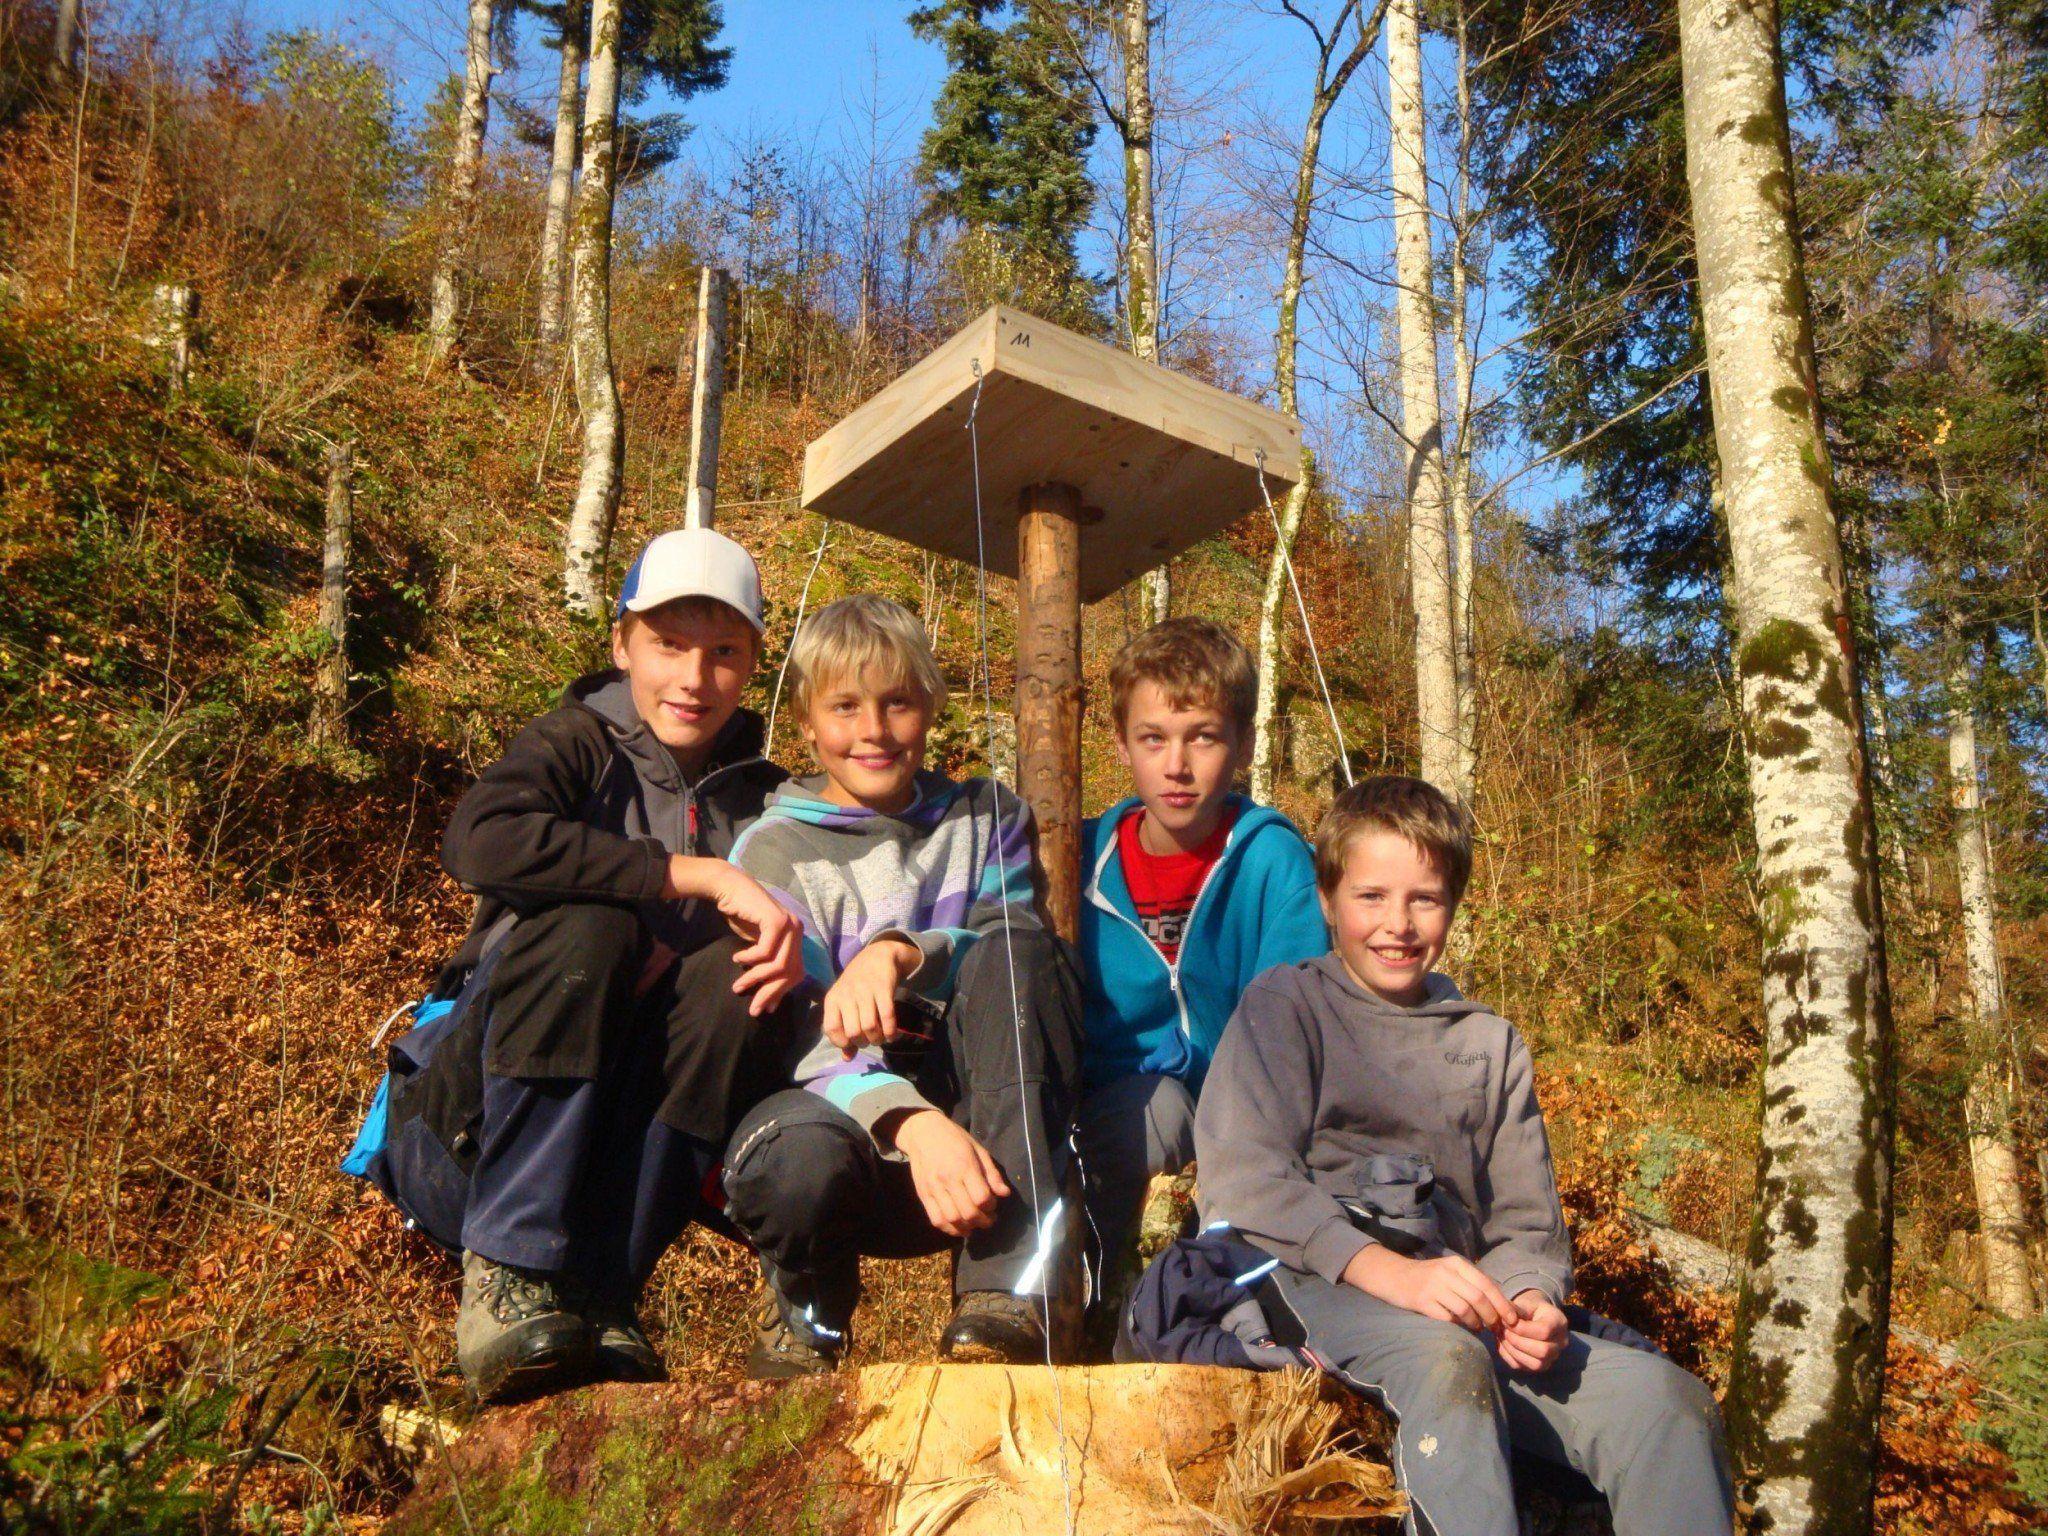 Johannes, Elias, Fabian und Johannes engagieren sich für den Schutzwald.